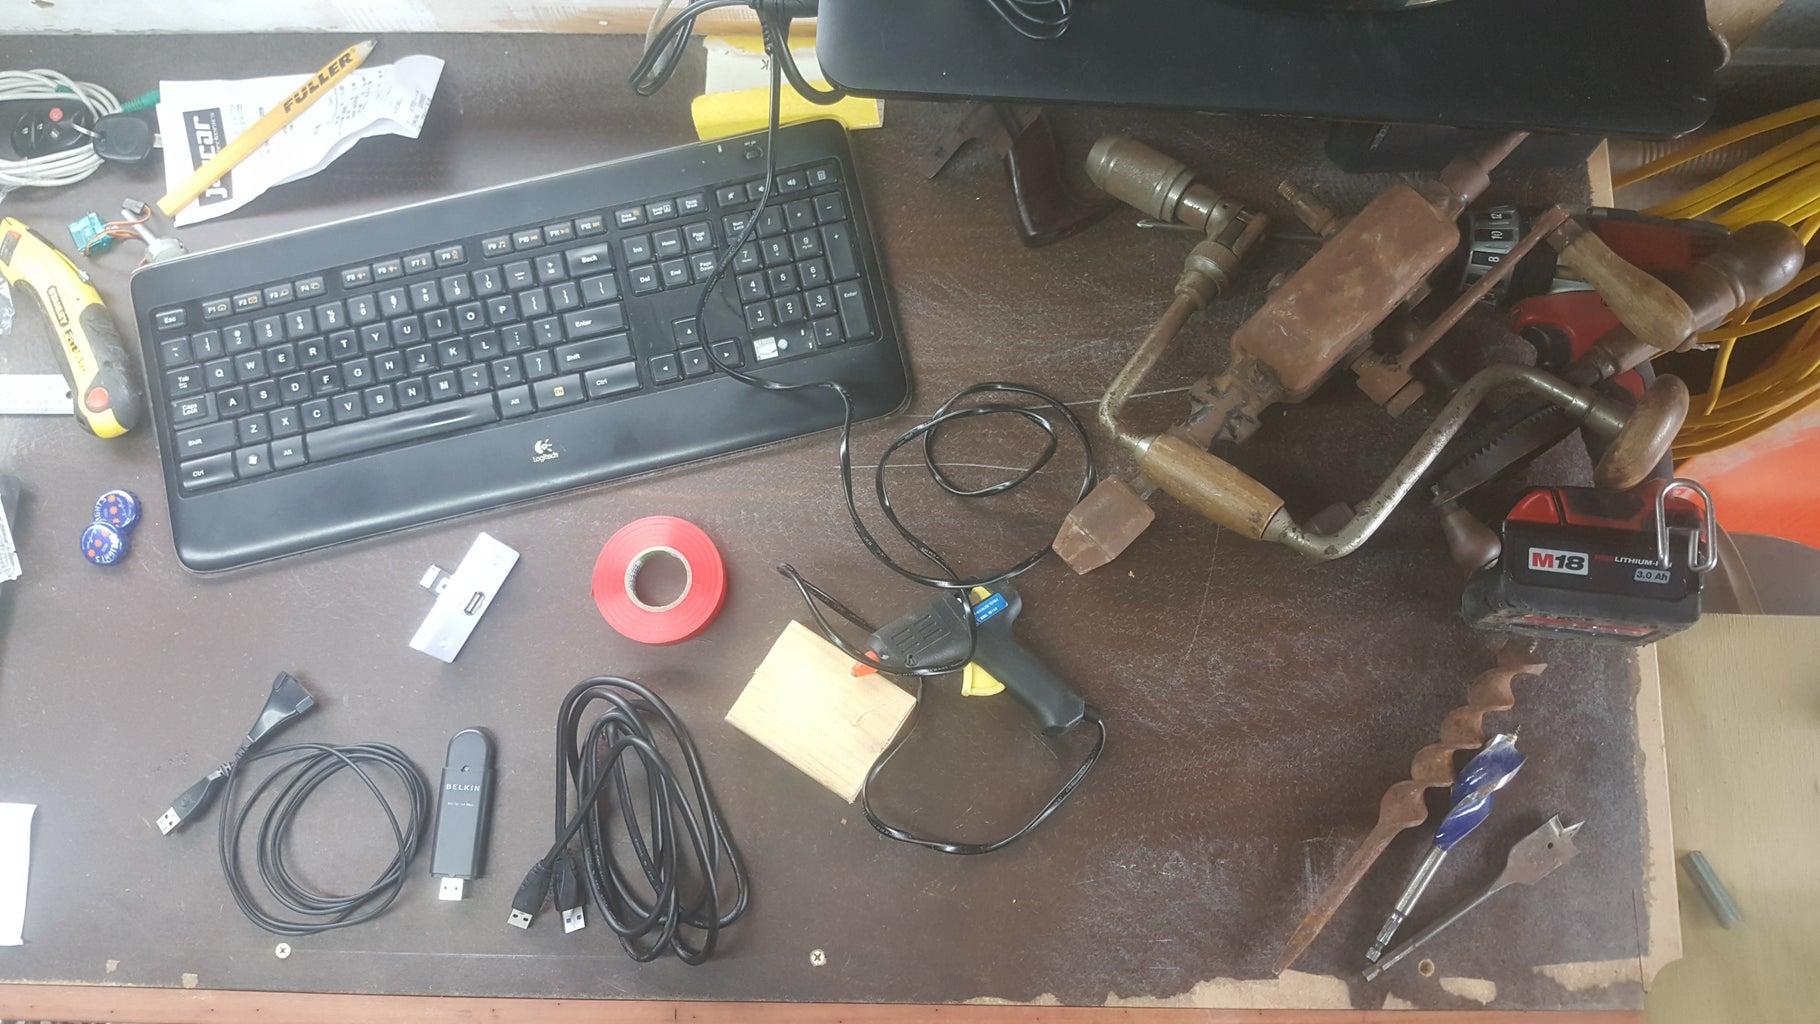 Scenario and Equipment